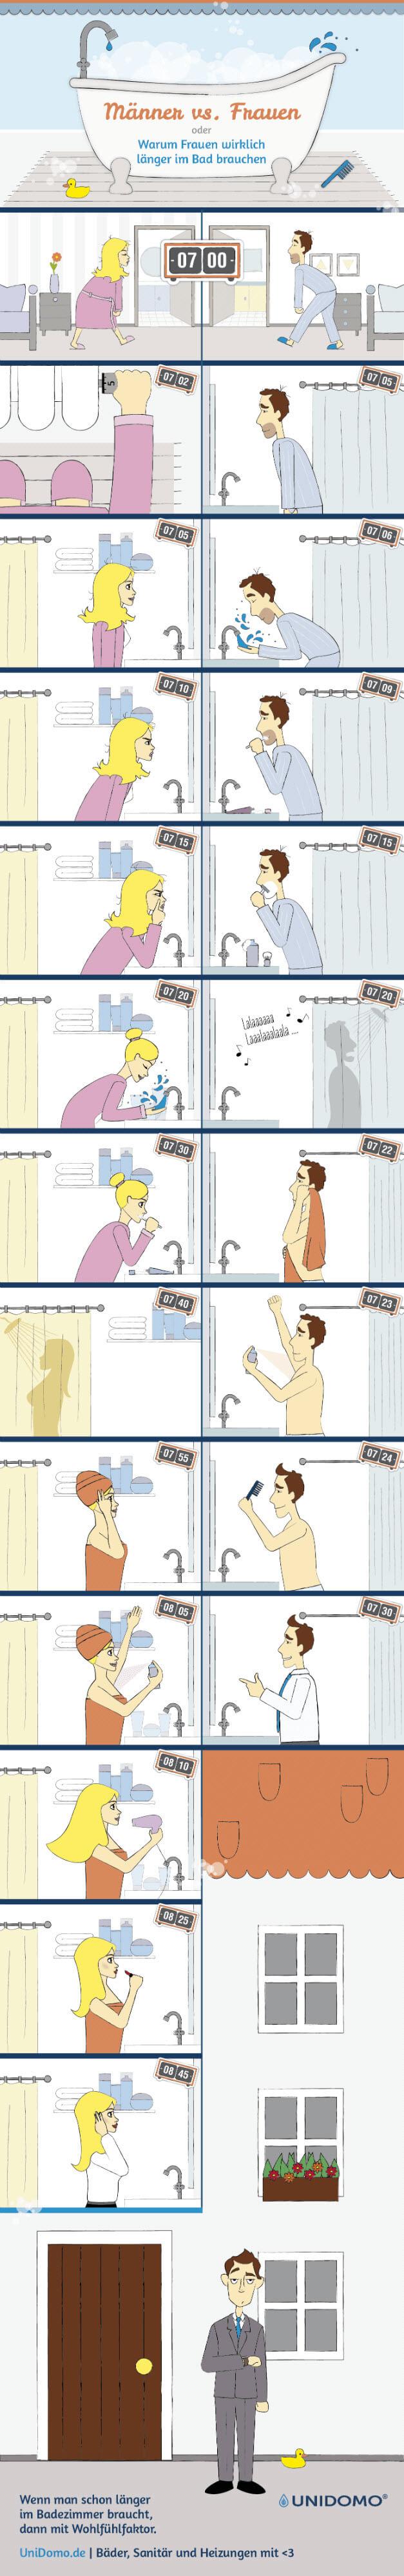 Maenner und Frauen im Bad